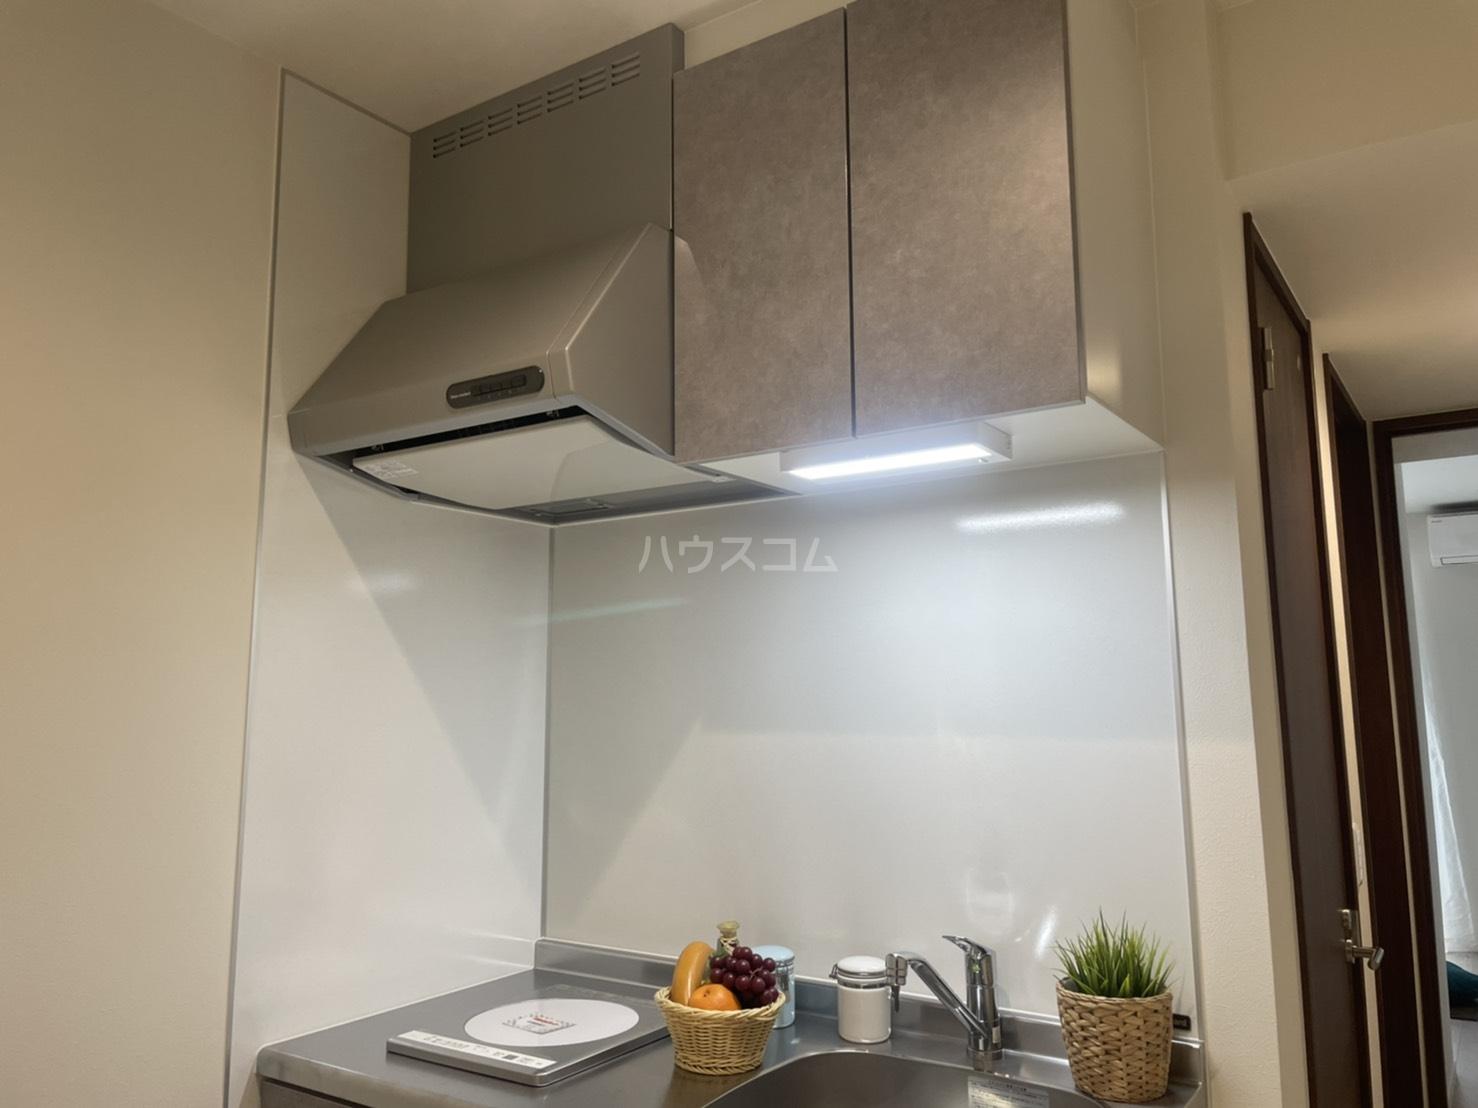 ルシェルブルー 101号室のキッチン